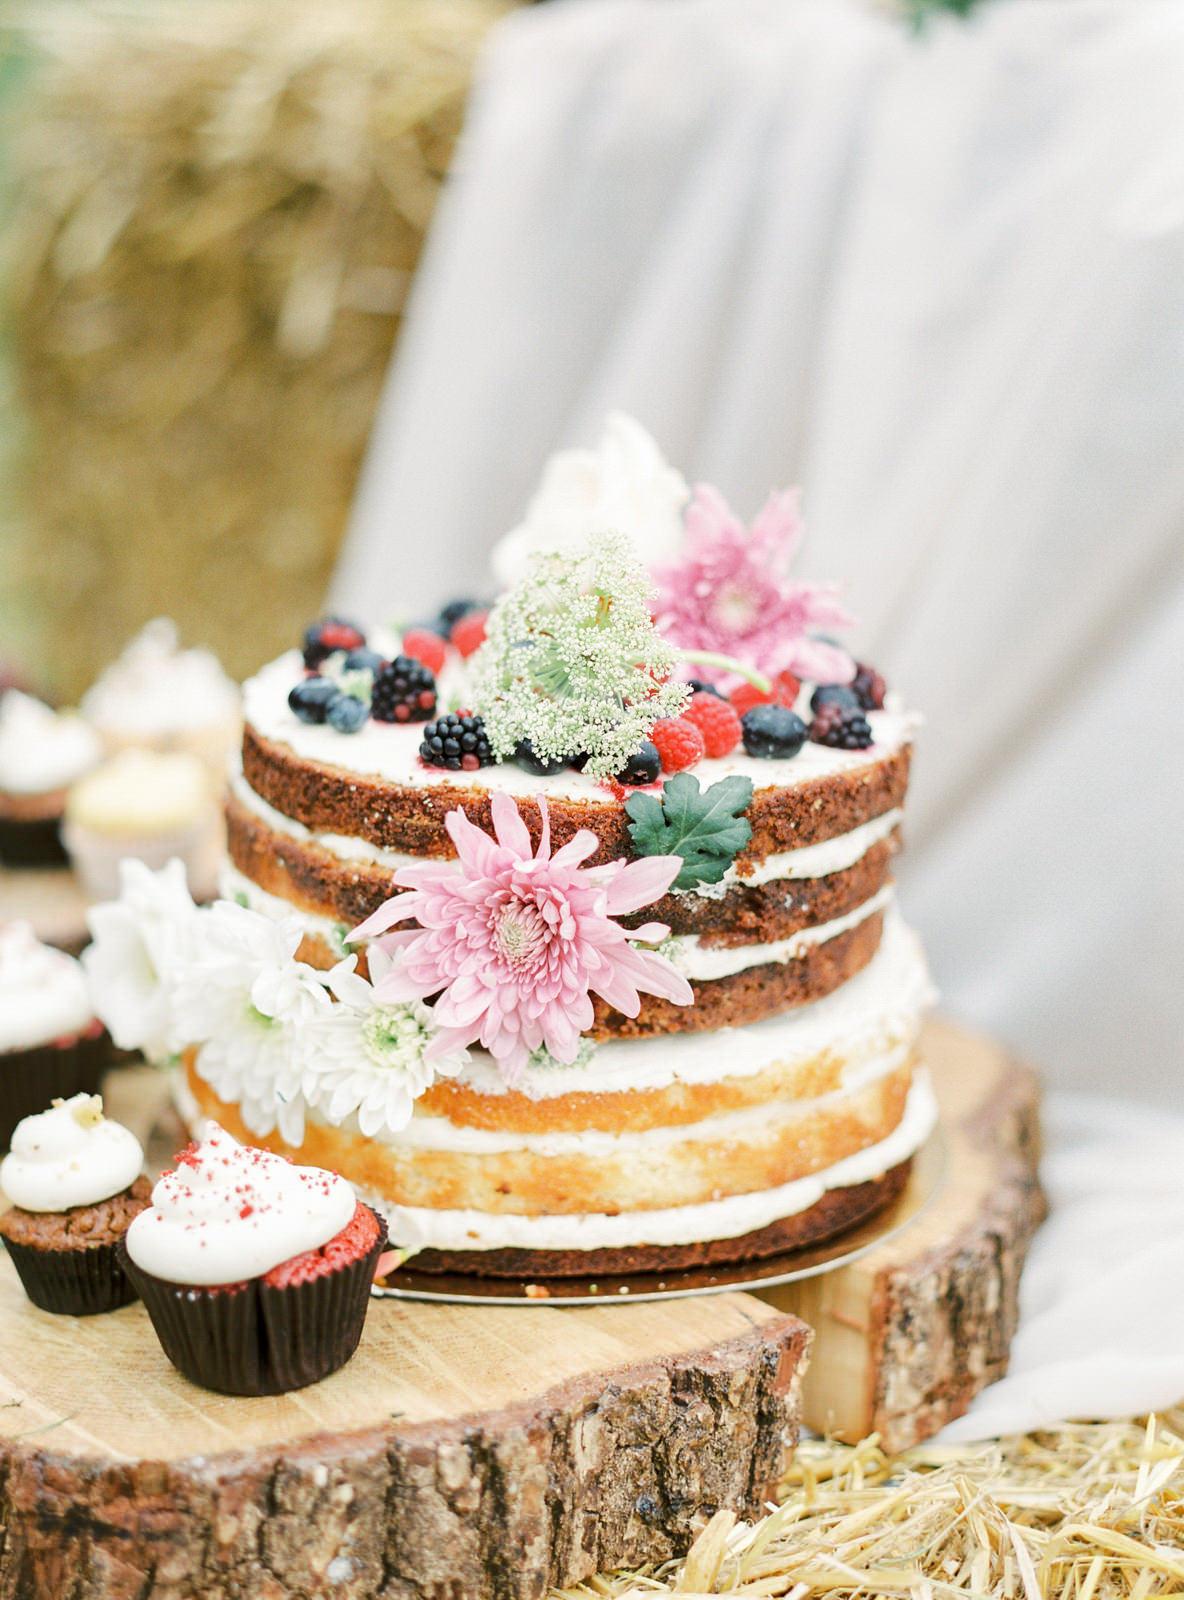 Branding Shoot Photo Idea for Cake Designer